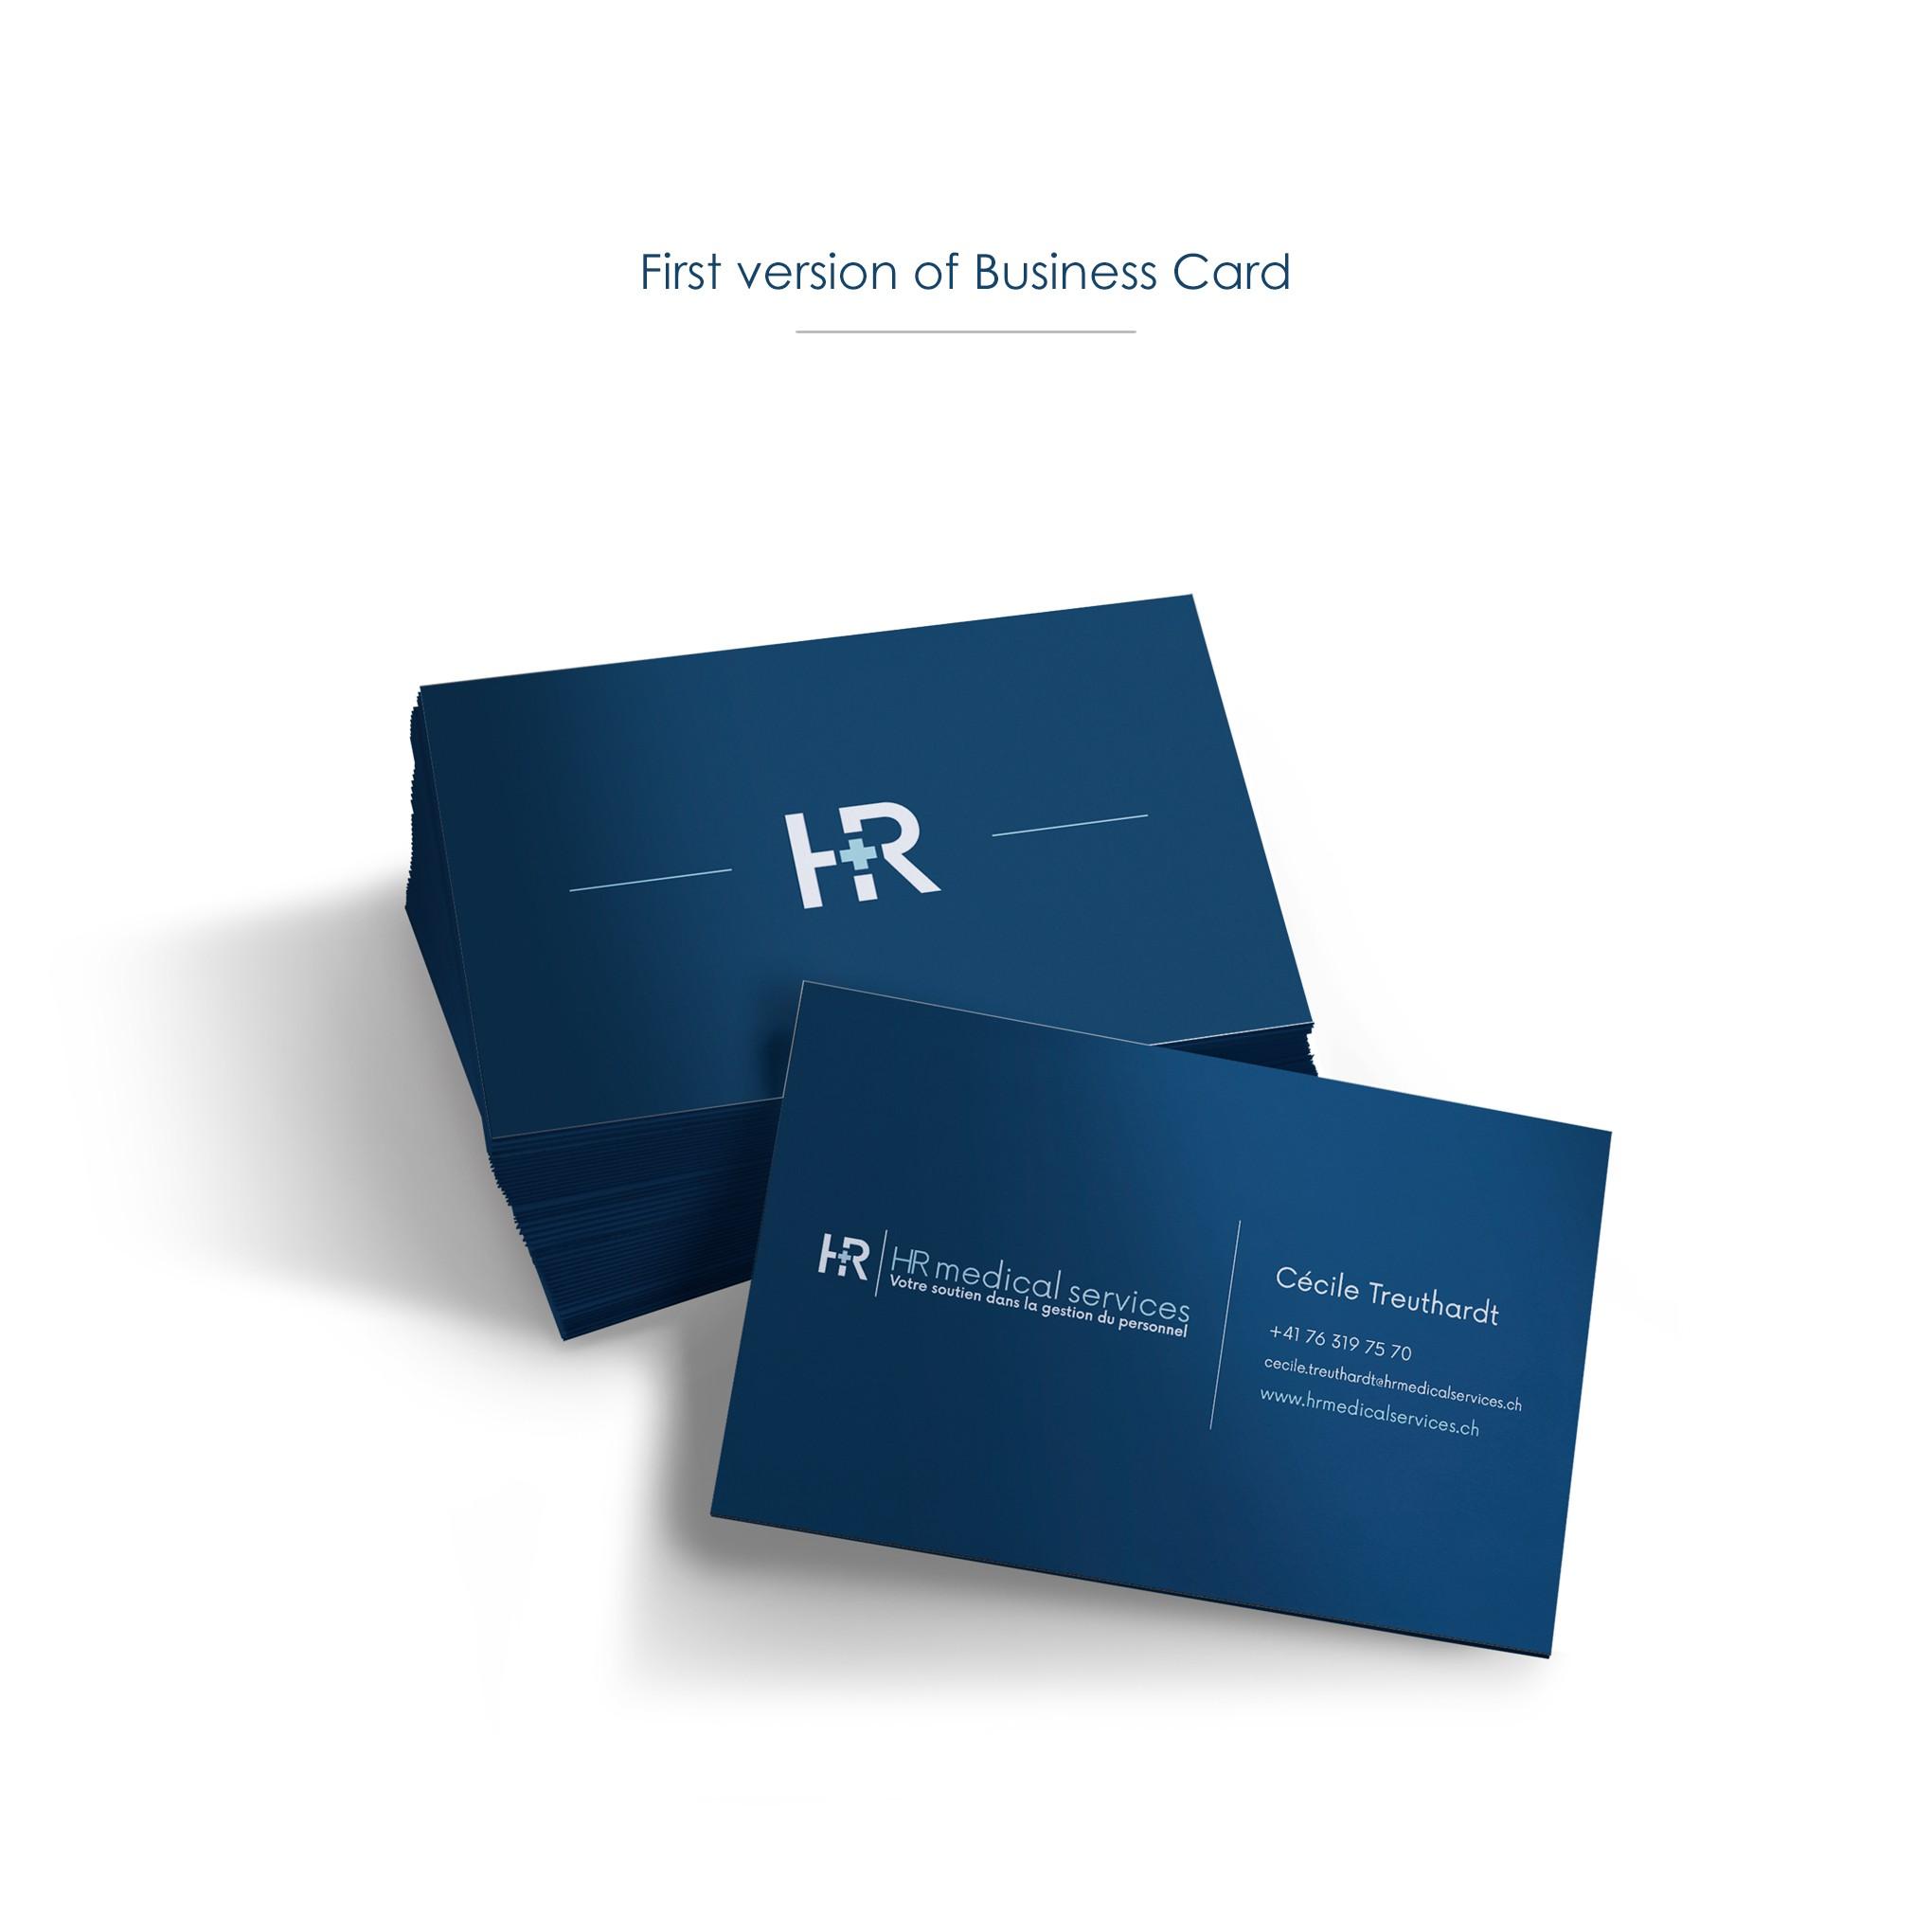 Créer un logo pour une consultante en ressources humaines, spécialisée dans le domaine de la santé